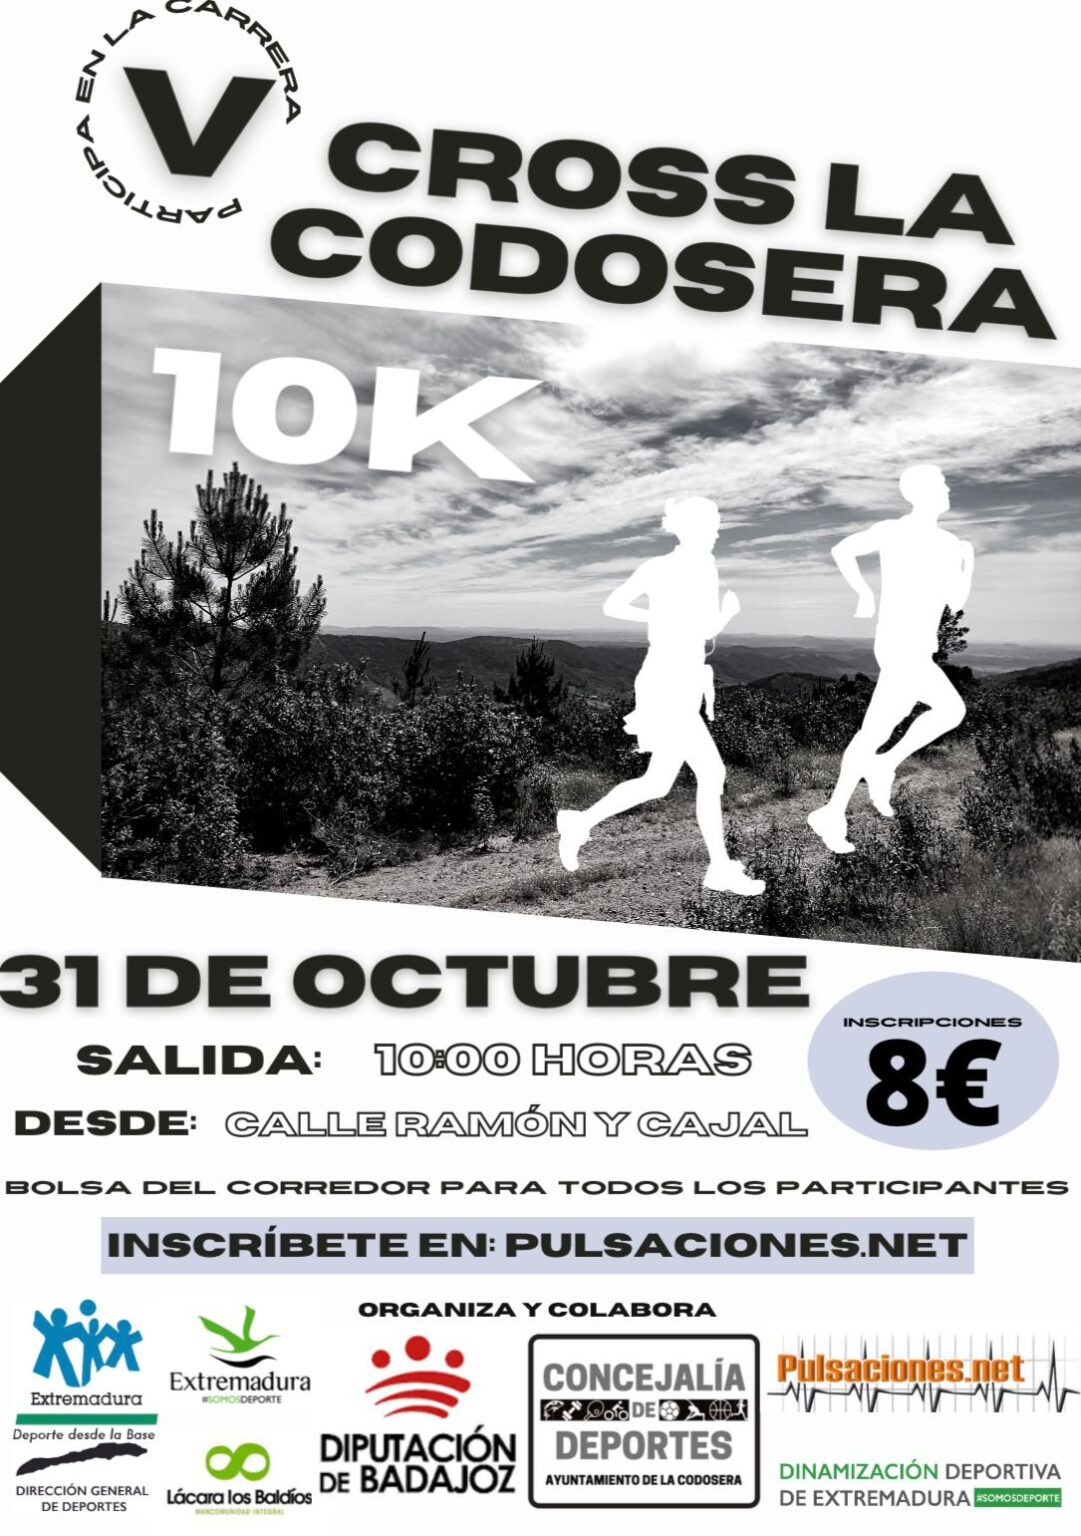 Imagen del Evento V Cross La Codosera